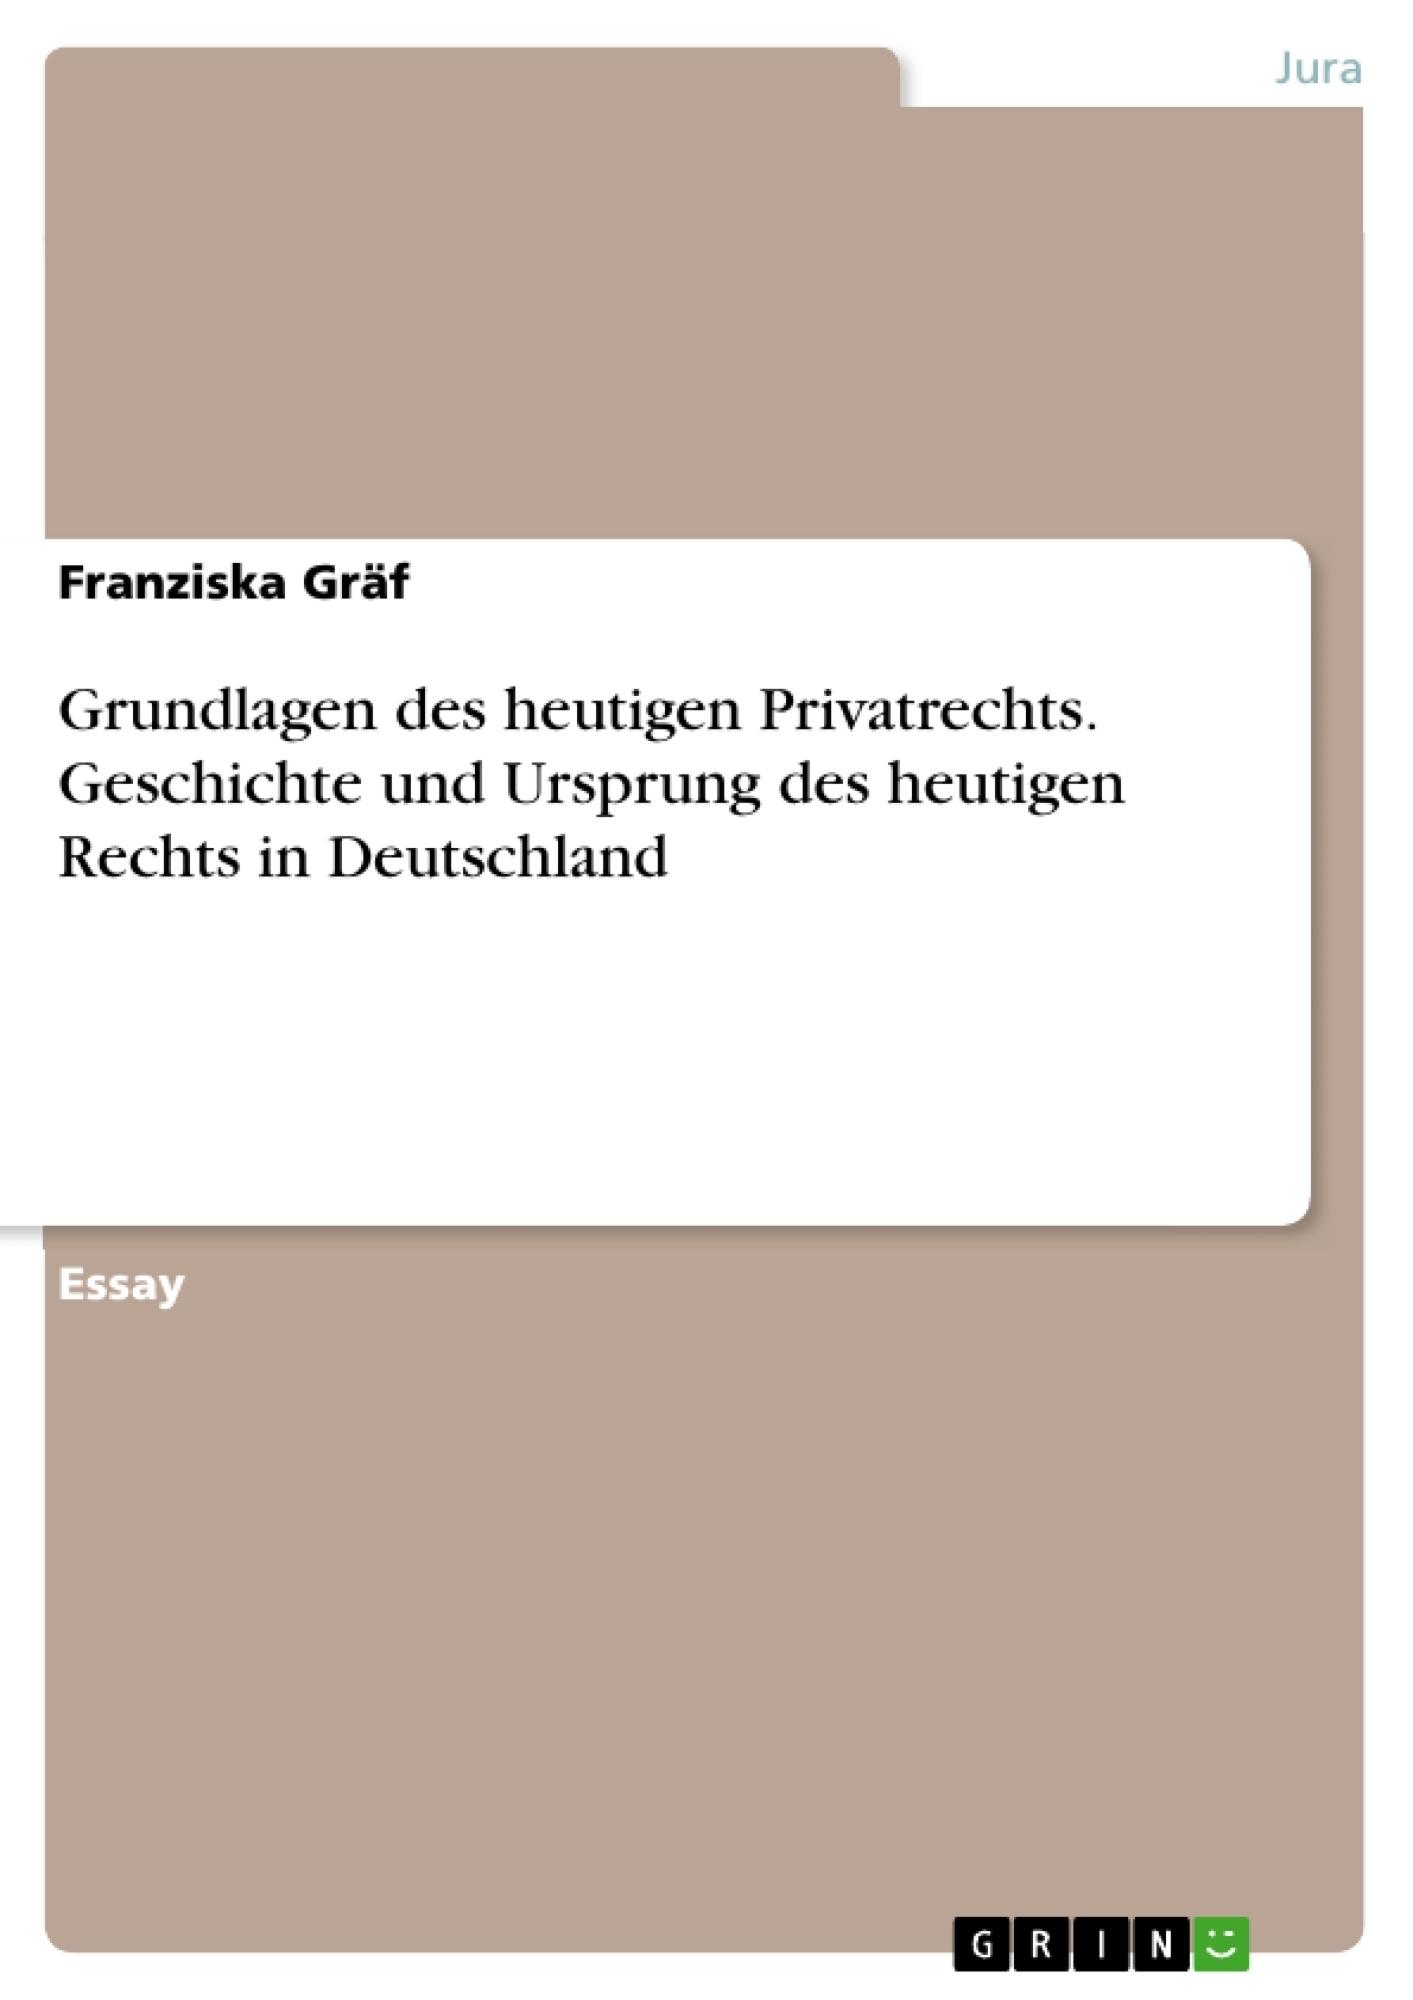 Titel: Grundlagen des heutigen Privatrechts. Geschichte und Ursprung des heutigen Rechts in Deutschland